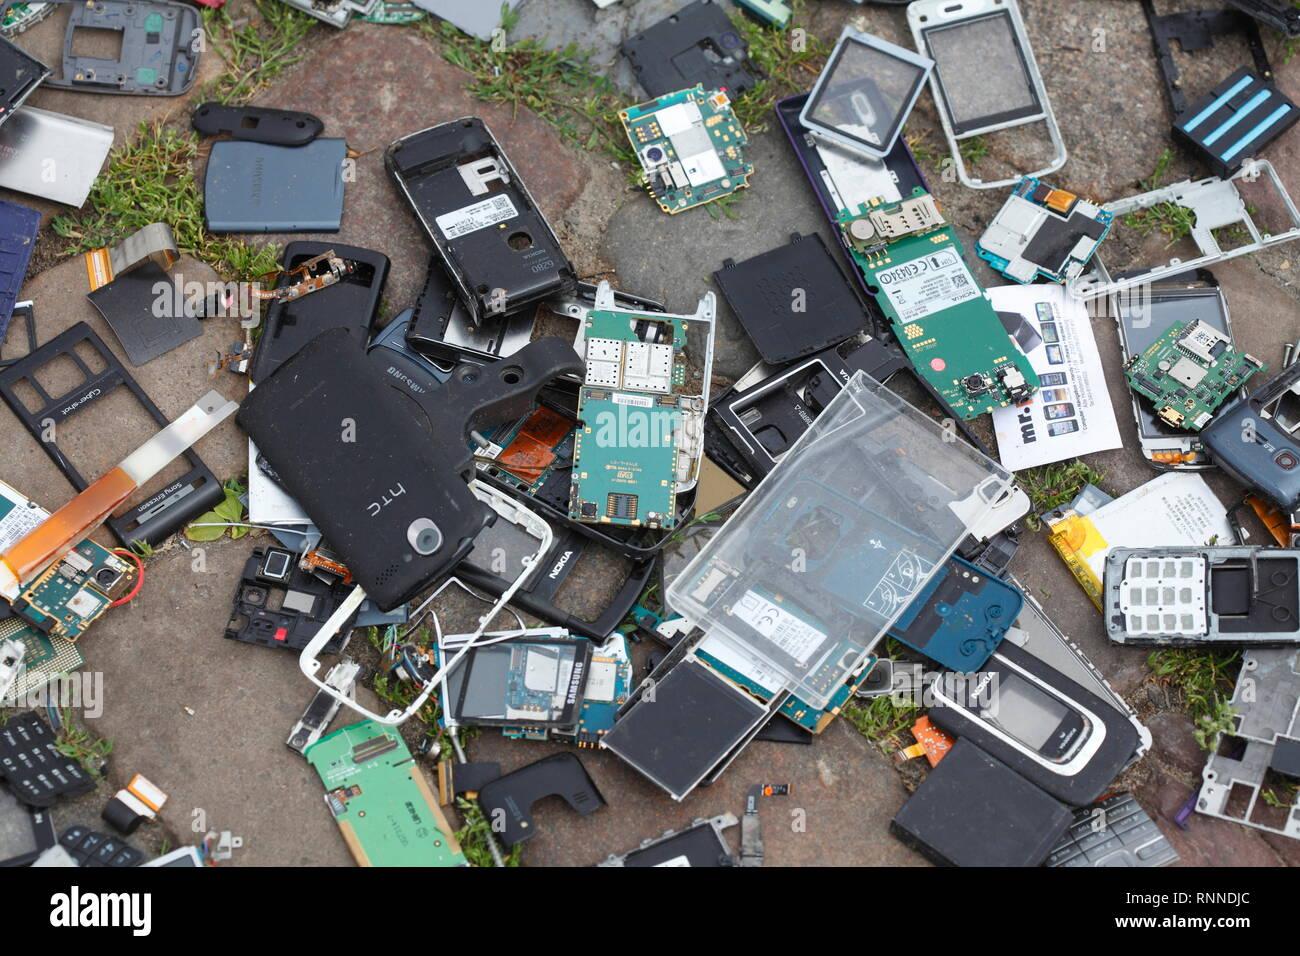 Les déchets électroniques, les vieux smartphones brisé gisant sur le sol, l'Allemagne, l'Europe, alte Elektroschrott JE Smartphones kaputte auf dem Boden liegend, Deutsch Photo Stock